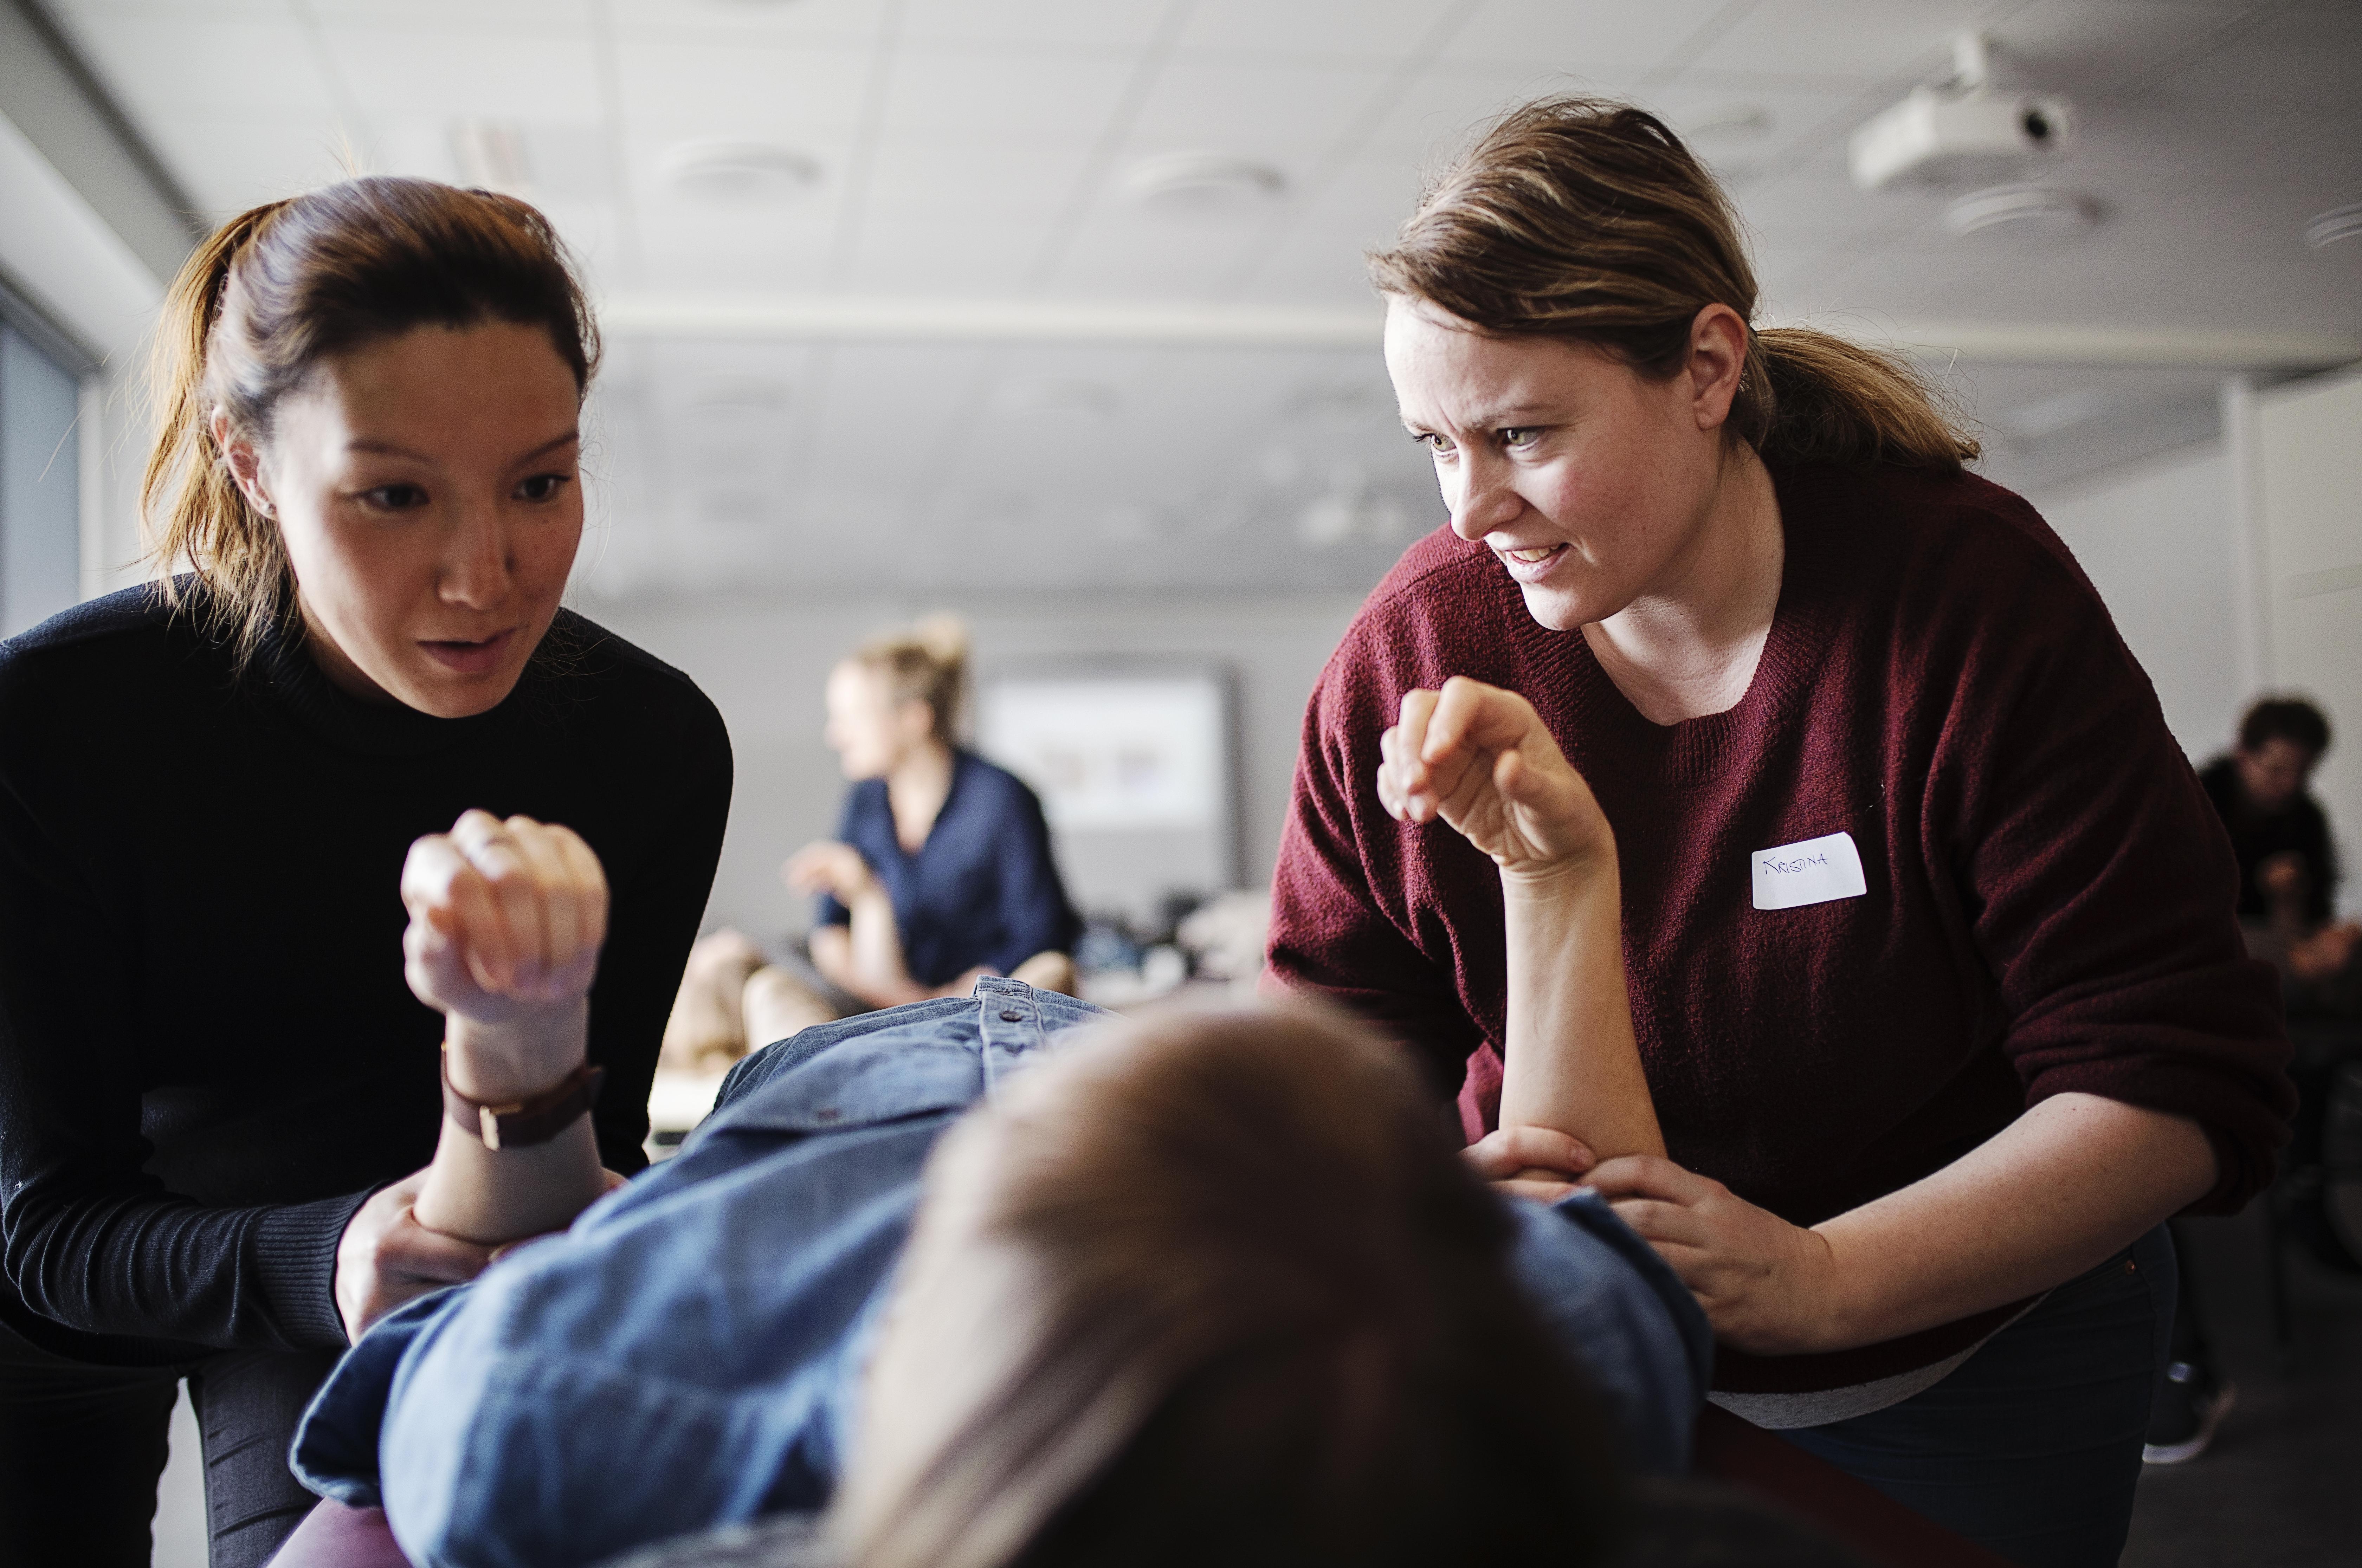 Der er fuldt hus, når DSF Håndterapi inviterer til albuekursus. Albuen ligger nemlig i gråzonen mellem fysioterapi og ergoterapi, og flere ergoterapeuter er usikre på, hvordan de bedst behandler en albue. På kurset lærer de nye undersøgelses- og behandlingsteknikker.